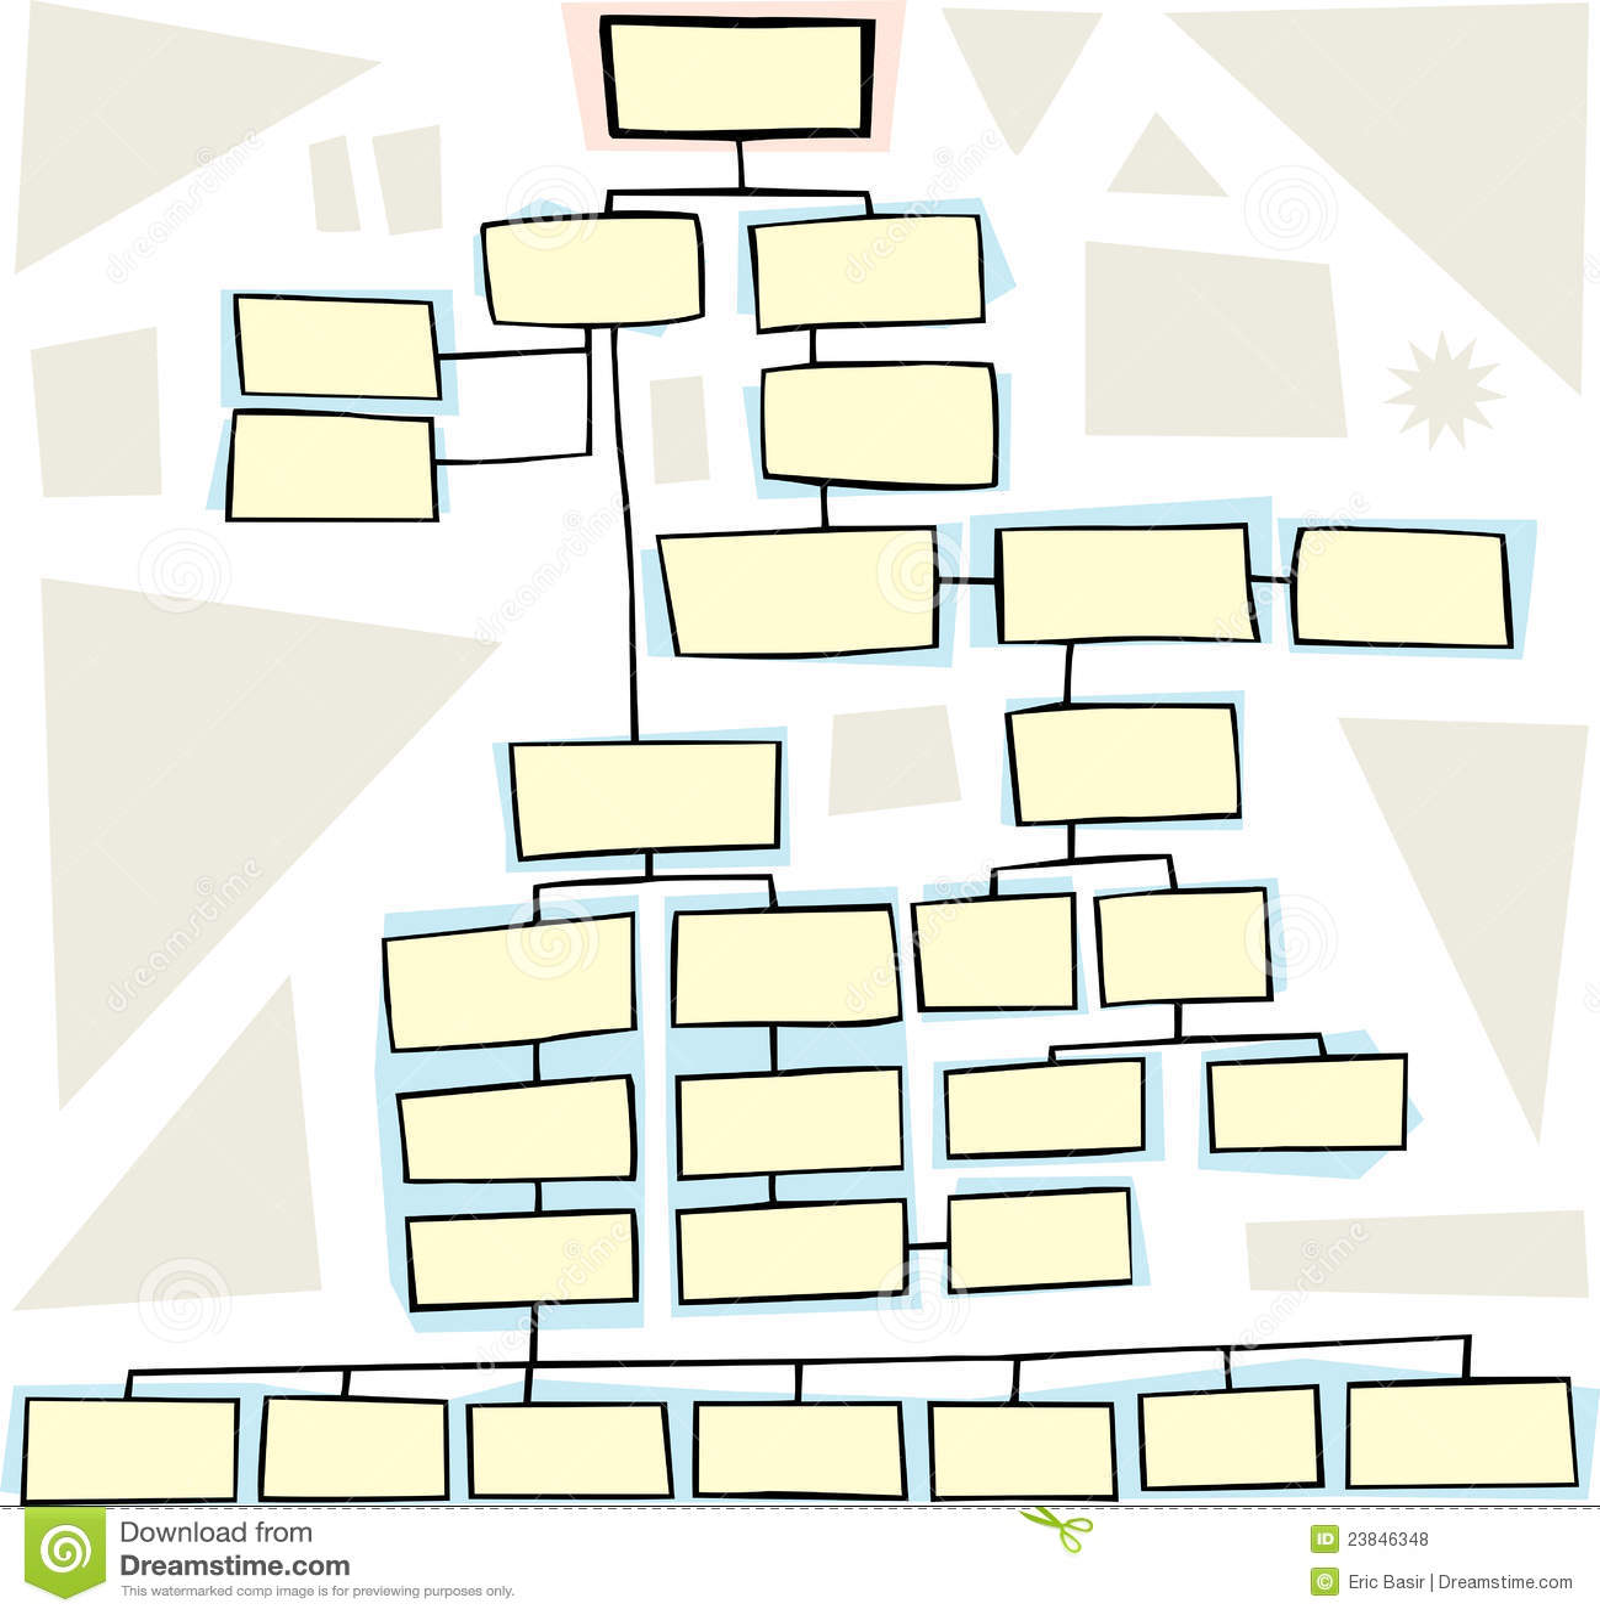 Organigrama complejo